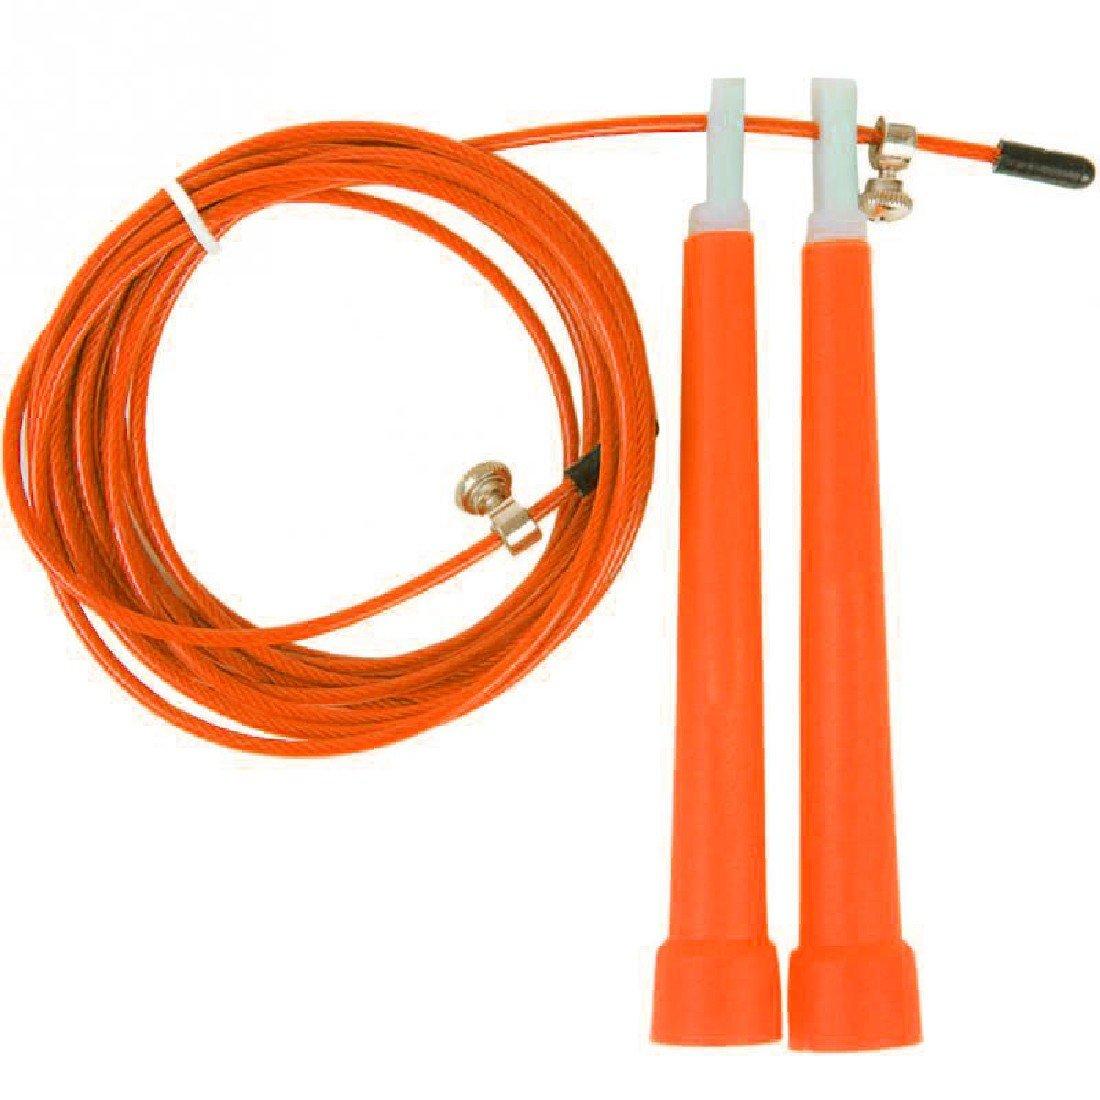 3 M/ètres m/étal Roulement Corde /à sauter Speed ??C/âble Jump Rope Crossfit Mma Box Home Gym Sports Accessoires